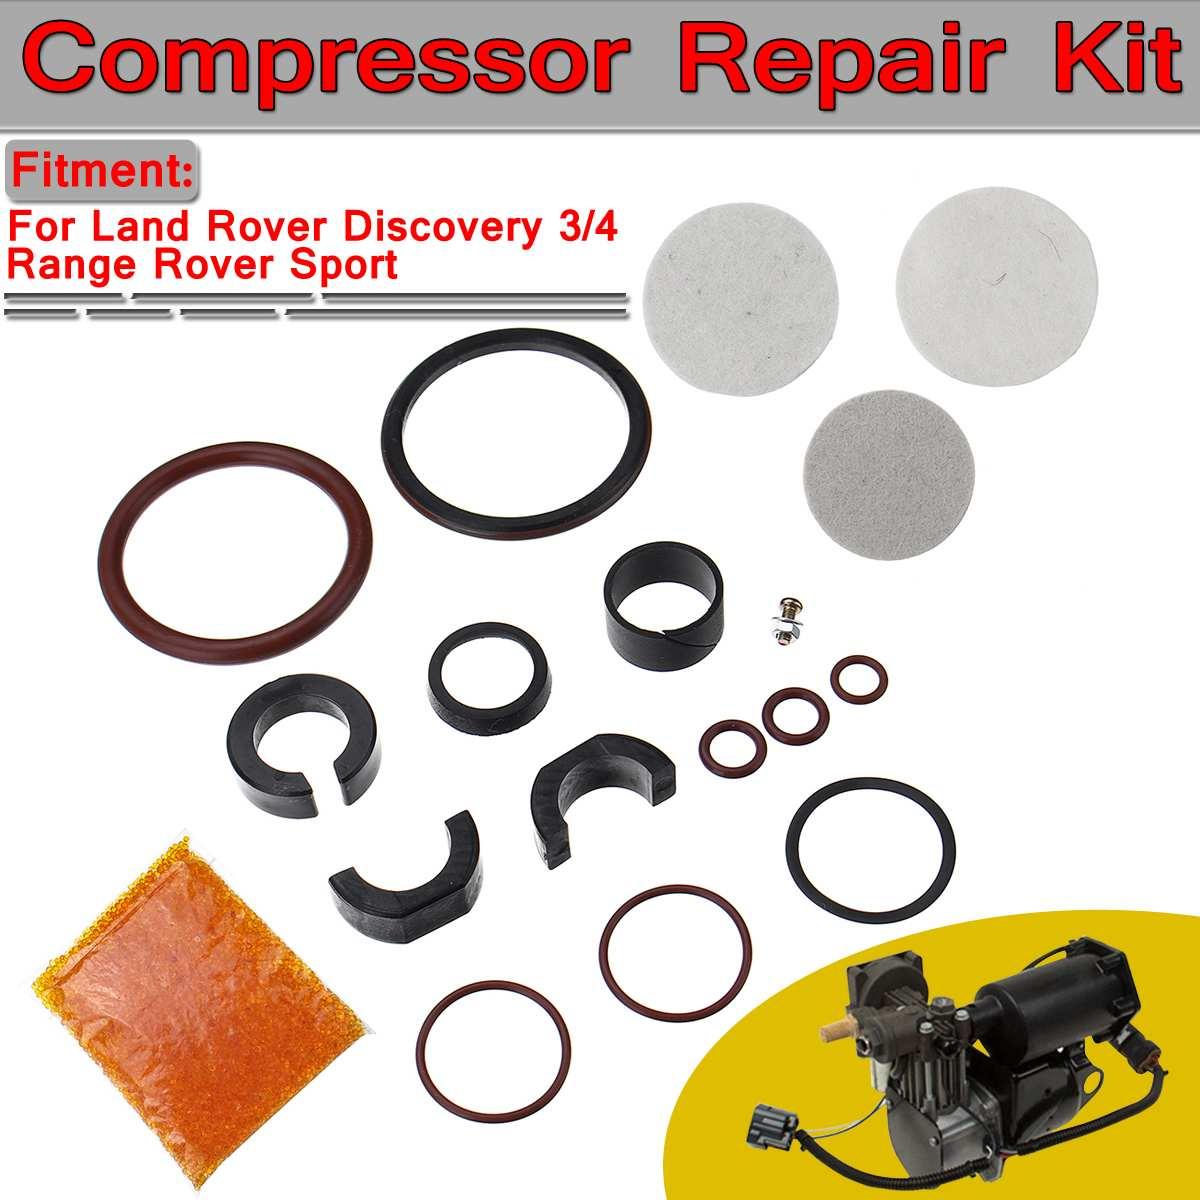 รถ Air Suspension A/C คอมเพรสเซอร์ชุดซ่อมสำหรับ LAND ROVER DISCOVERY 3/4 Range Rover Sport RQG000017 RQG000018 RQG000019